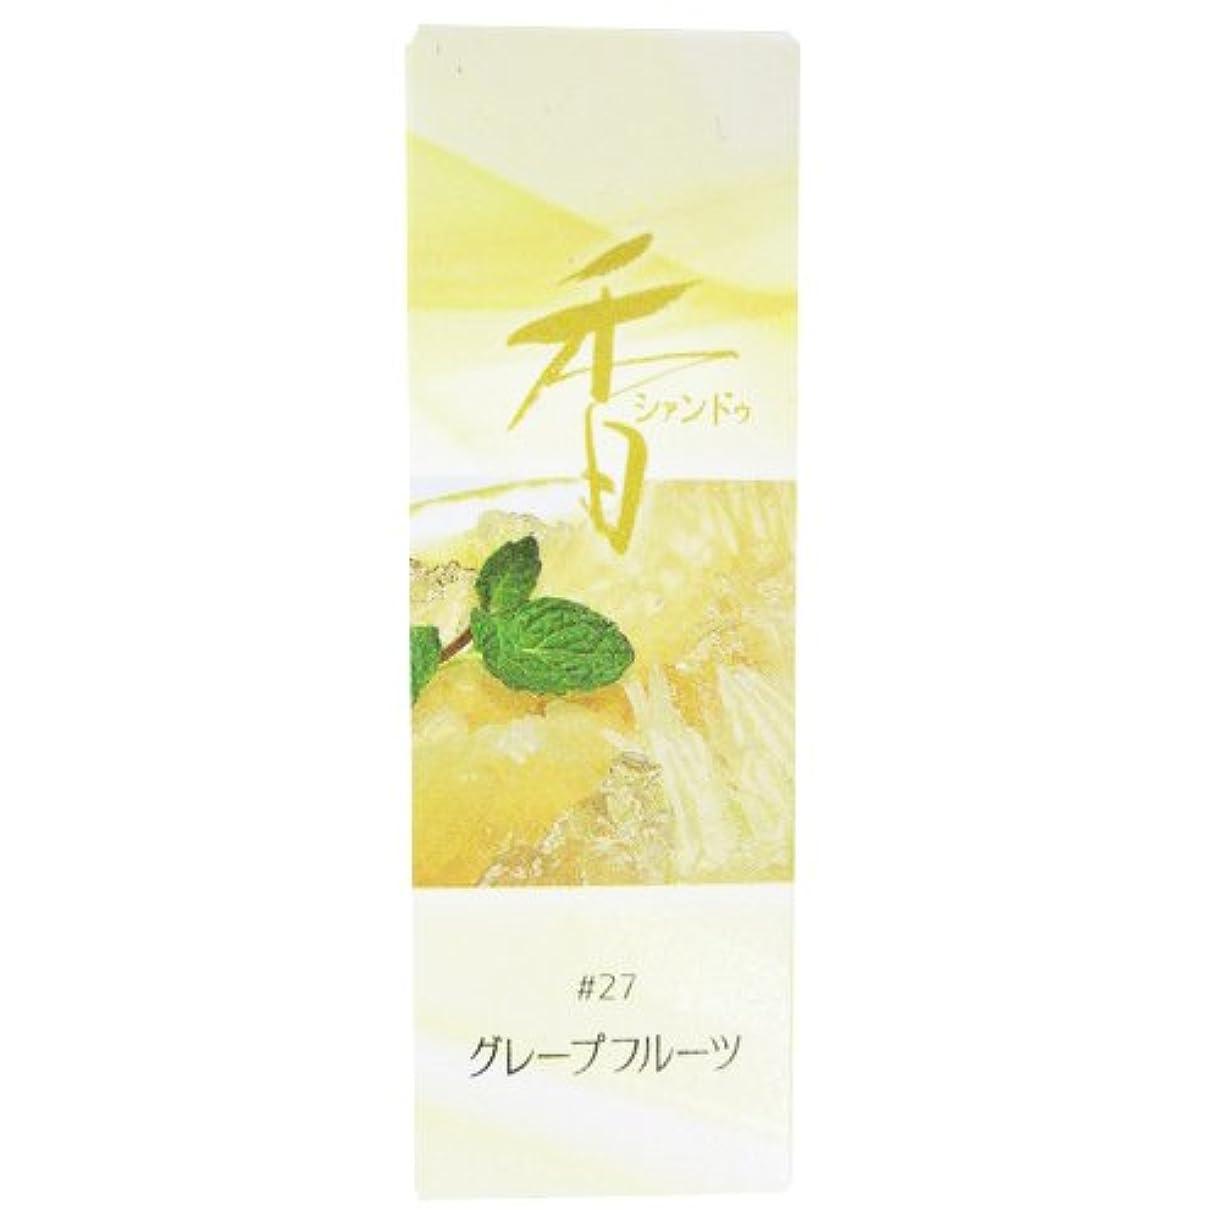 後継そこ法律松栄堂のお香 Xiang Do(シャンドゥ) グレープフルーツ ST20本入 簡易香立付 #214227